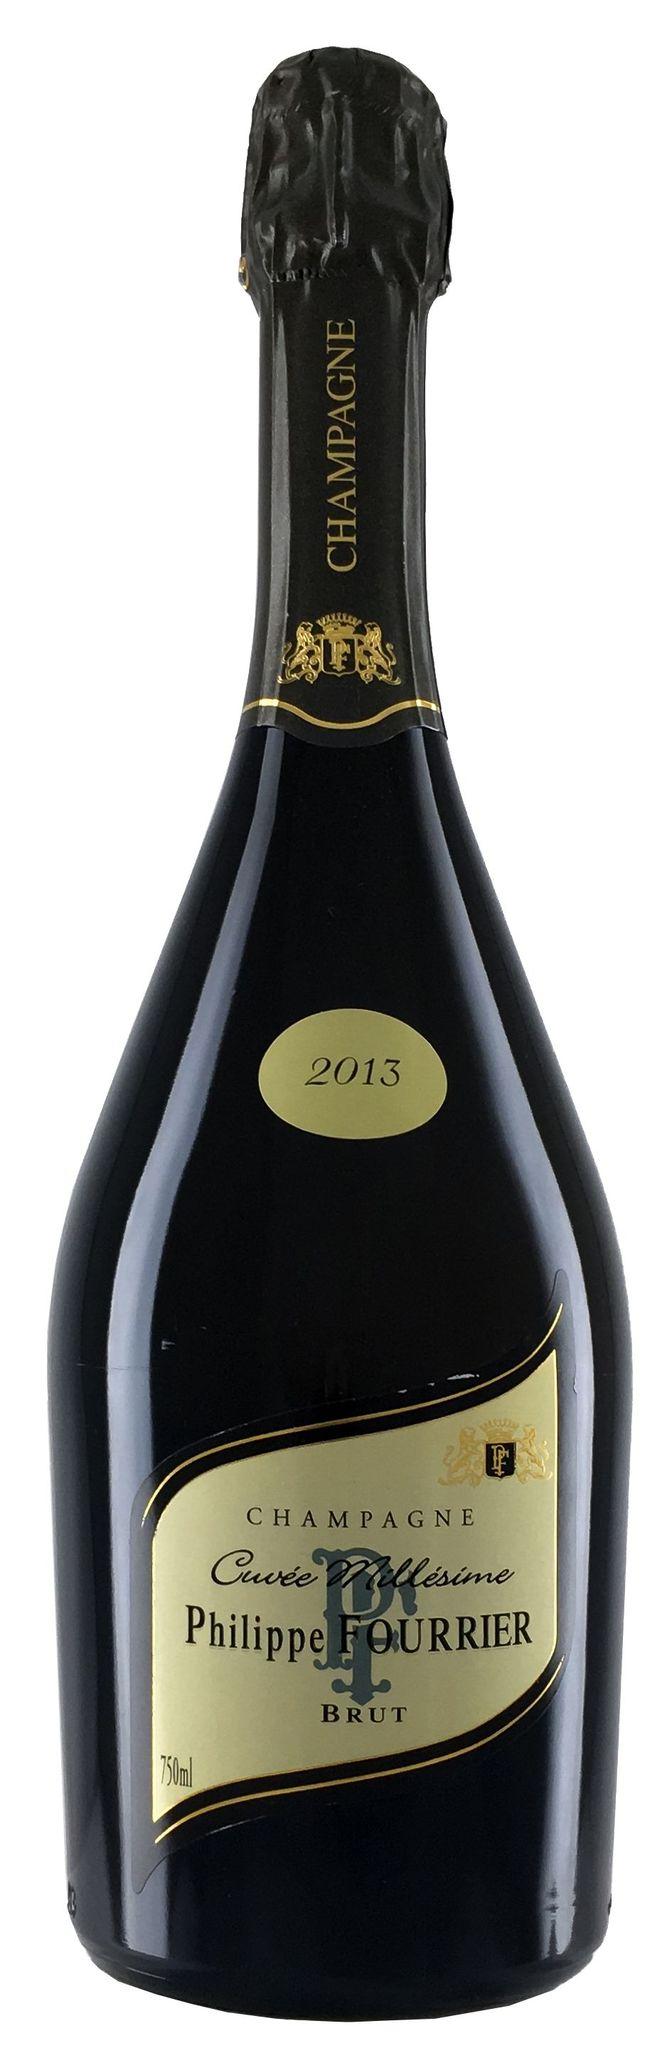 Шампанское Филипп Фурье Миллезим 2013 брют белое з.н.м.п регион Шампань 0,75л.